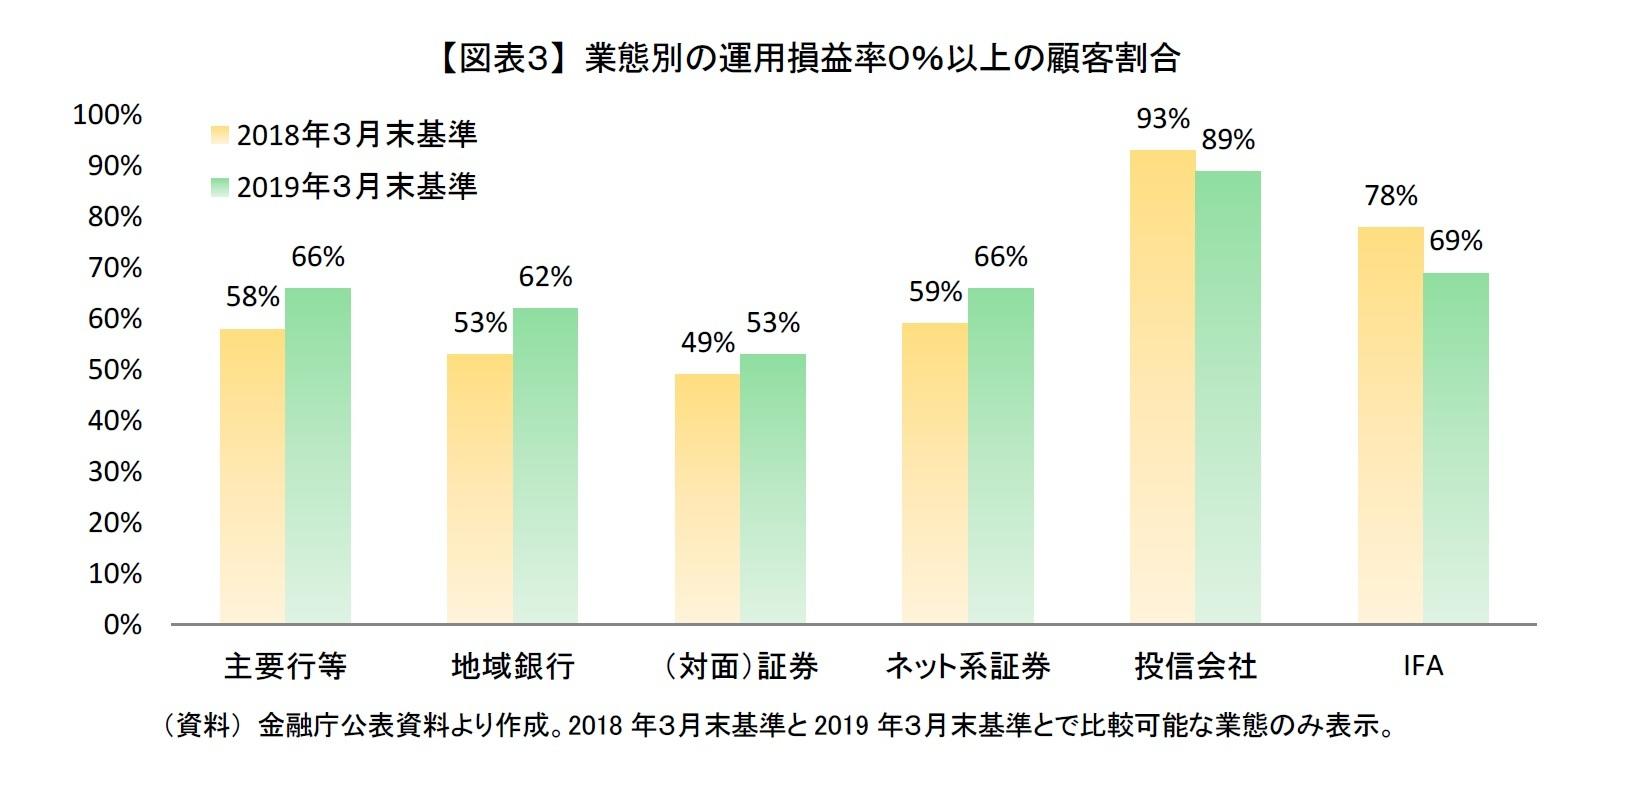 【図表3】 業態別の運用損益率0%以上の顧客割合